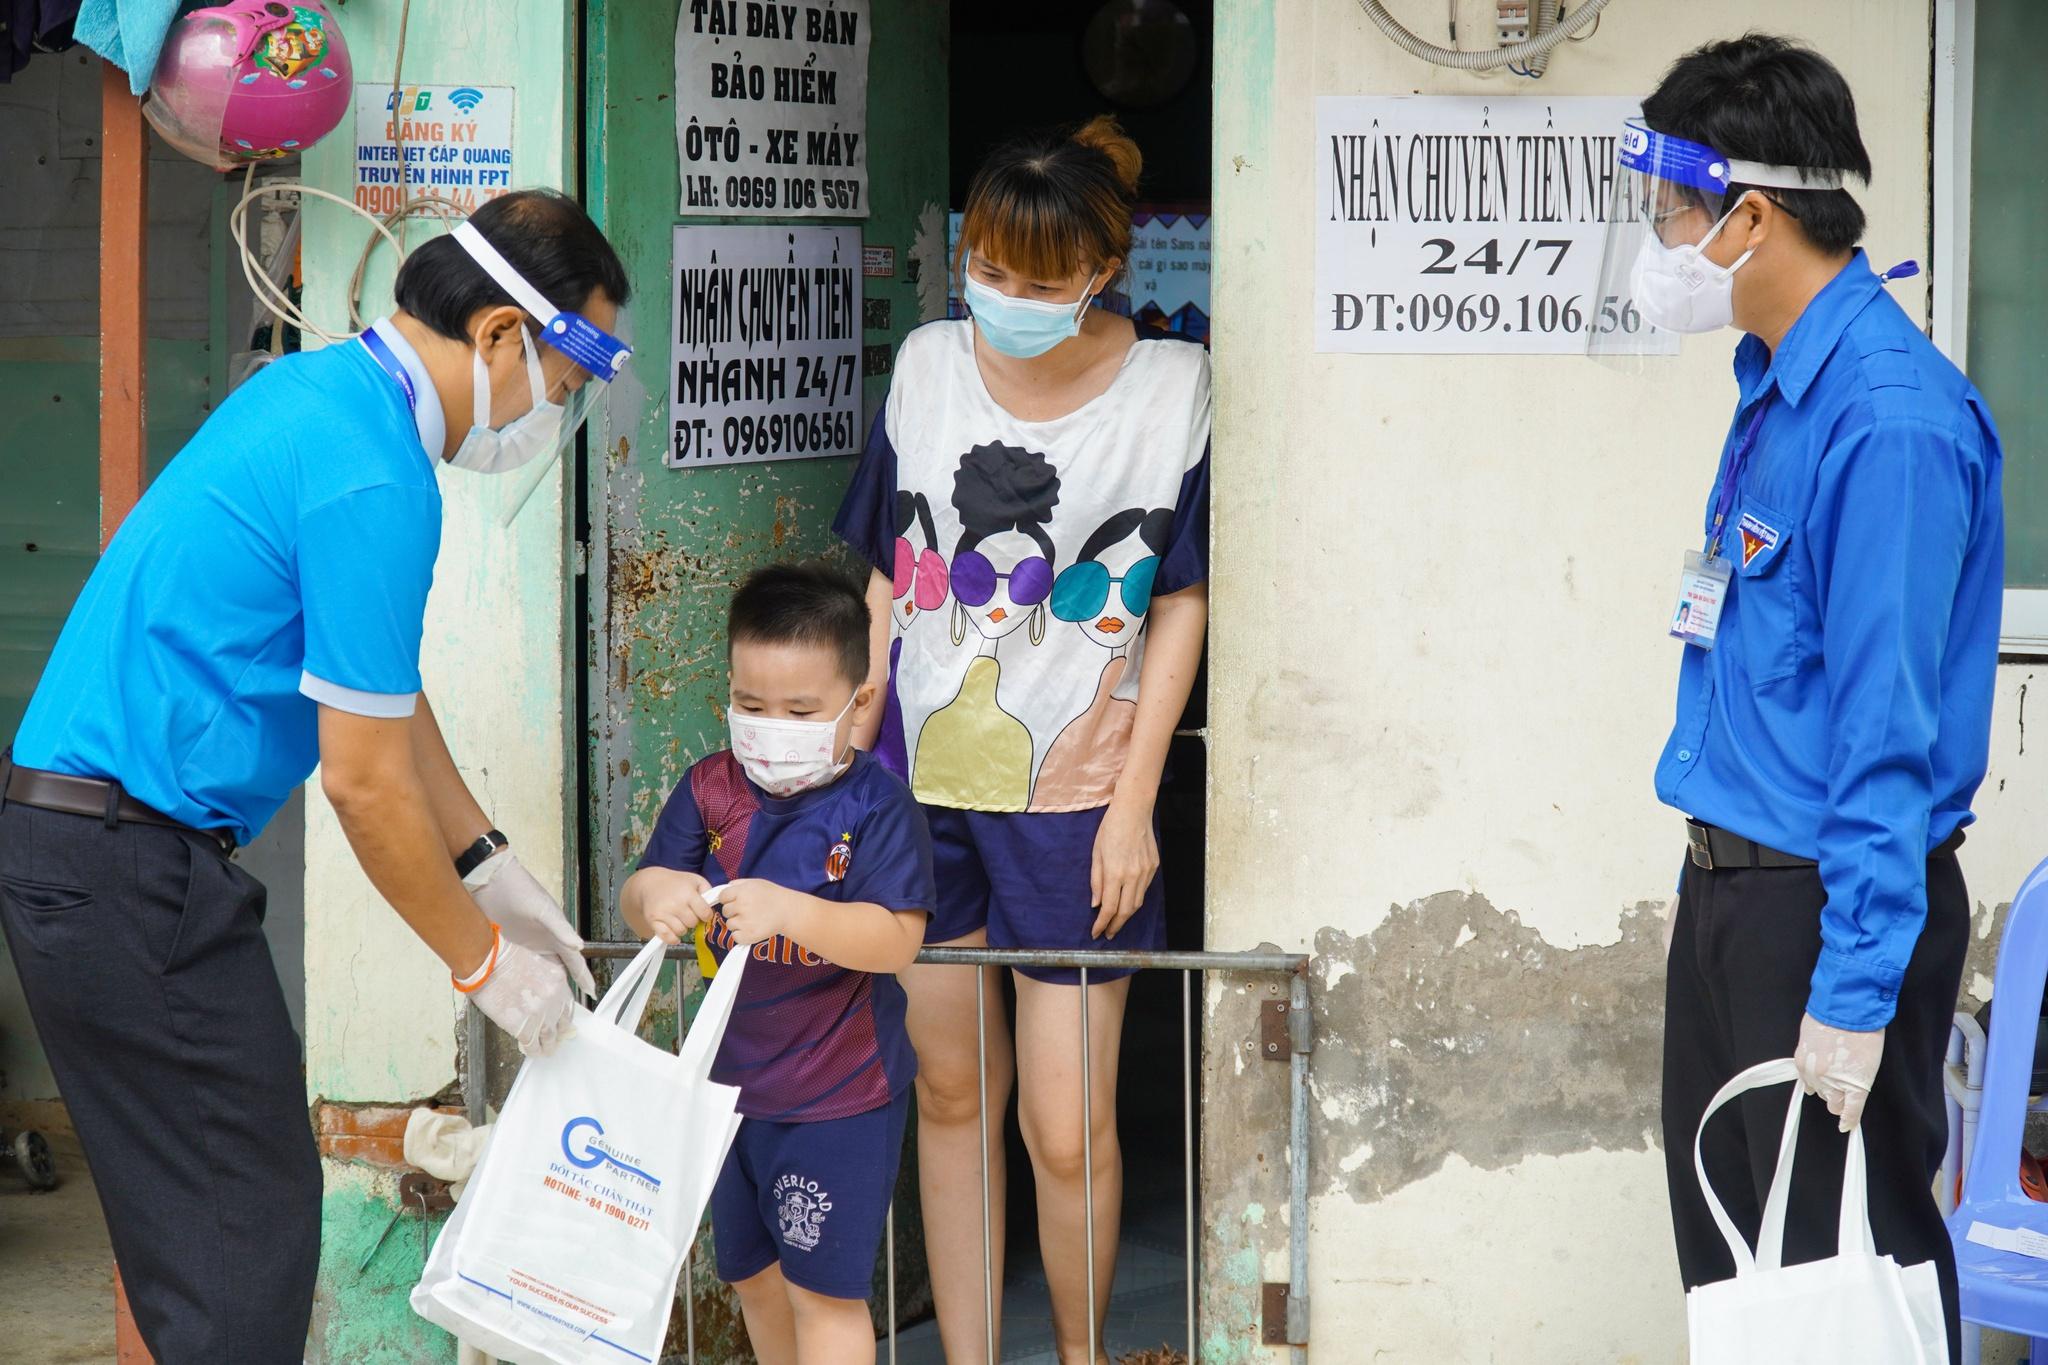 Công nhân treo bảng cầu cứu sữa cho con, nghẹn ngào khi nhận được hỗ trợ - ảnh 5